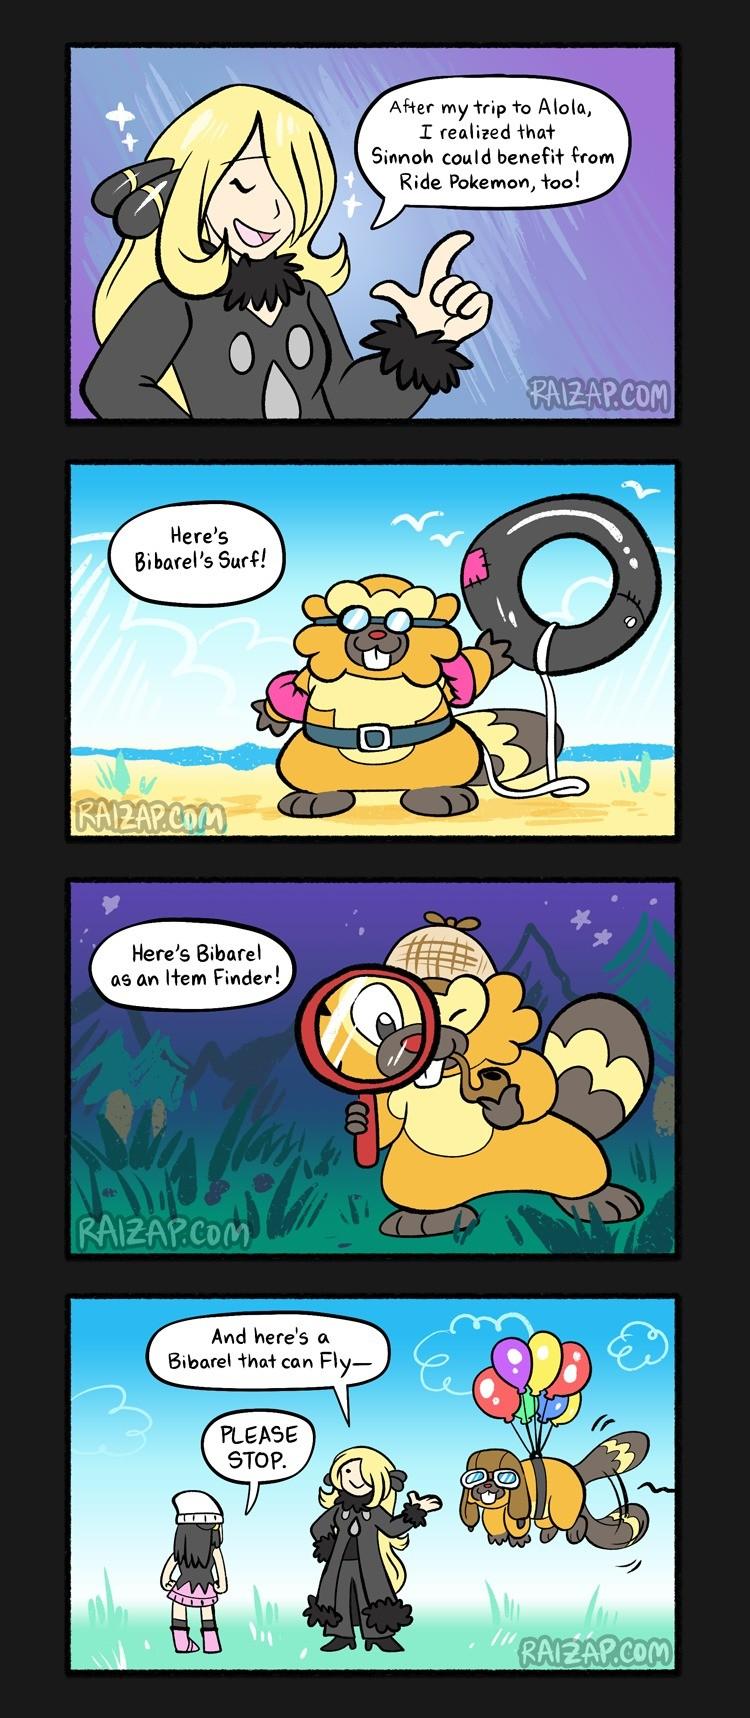 how to register ride pokemon